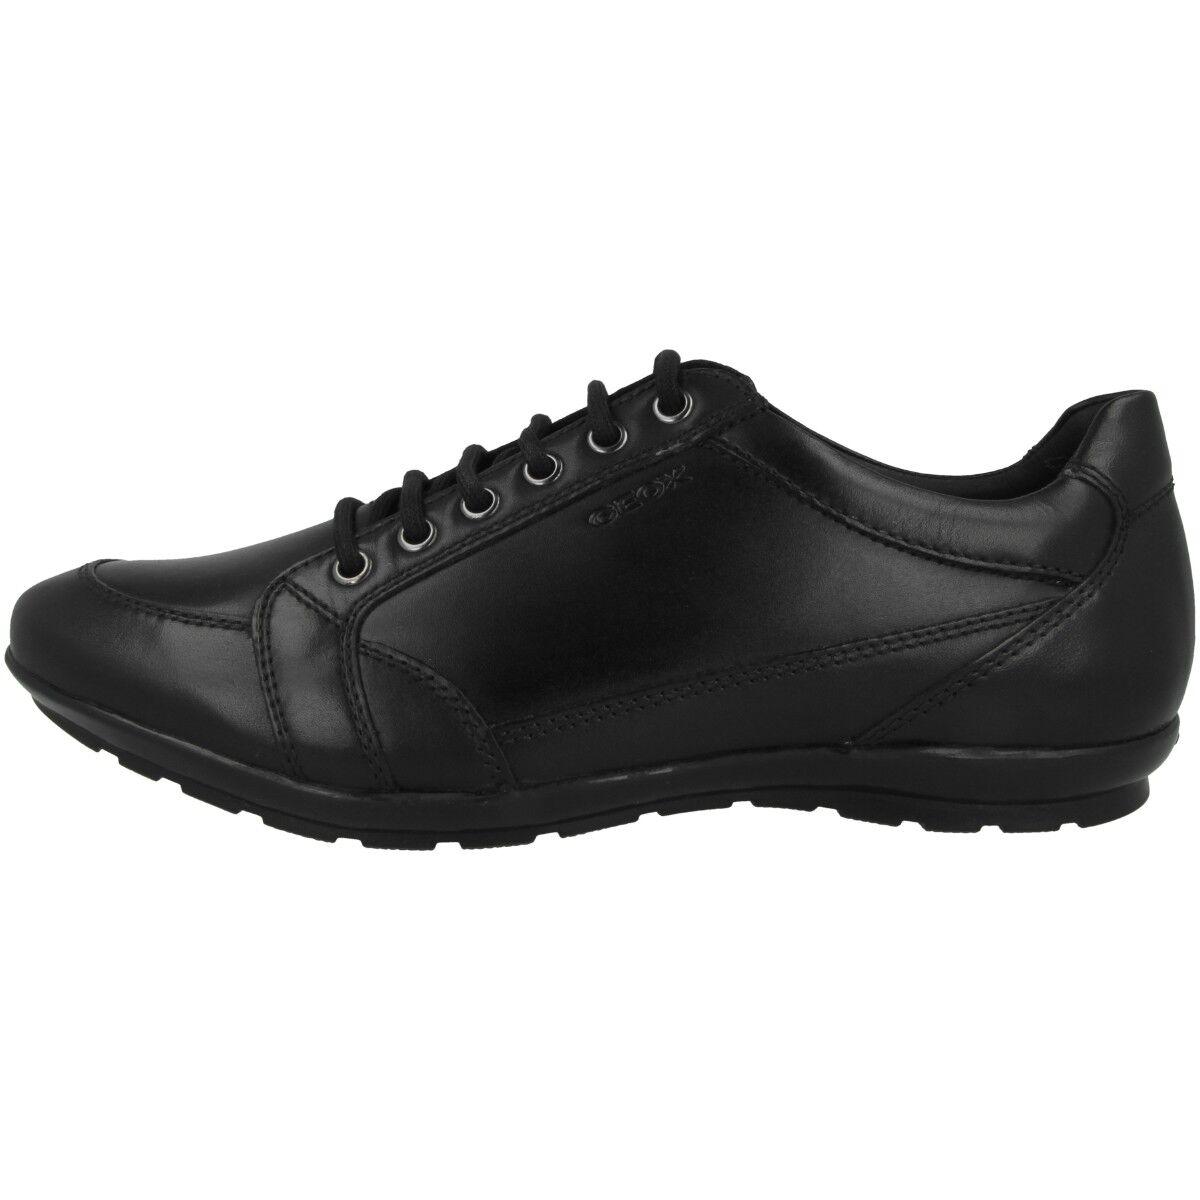 Geox U à Motif D Chaussures Mocassins pour Hommes à Lacets paniers